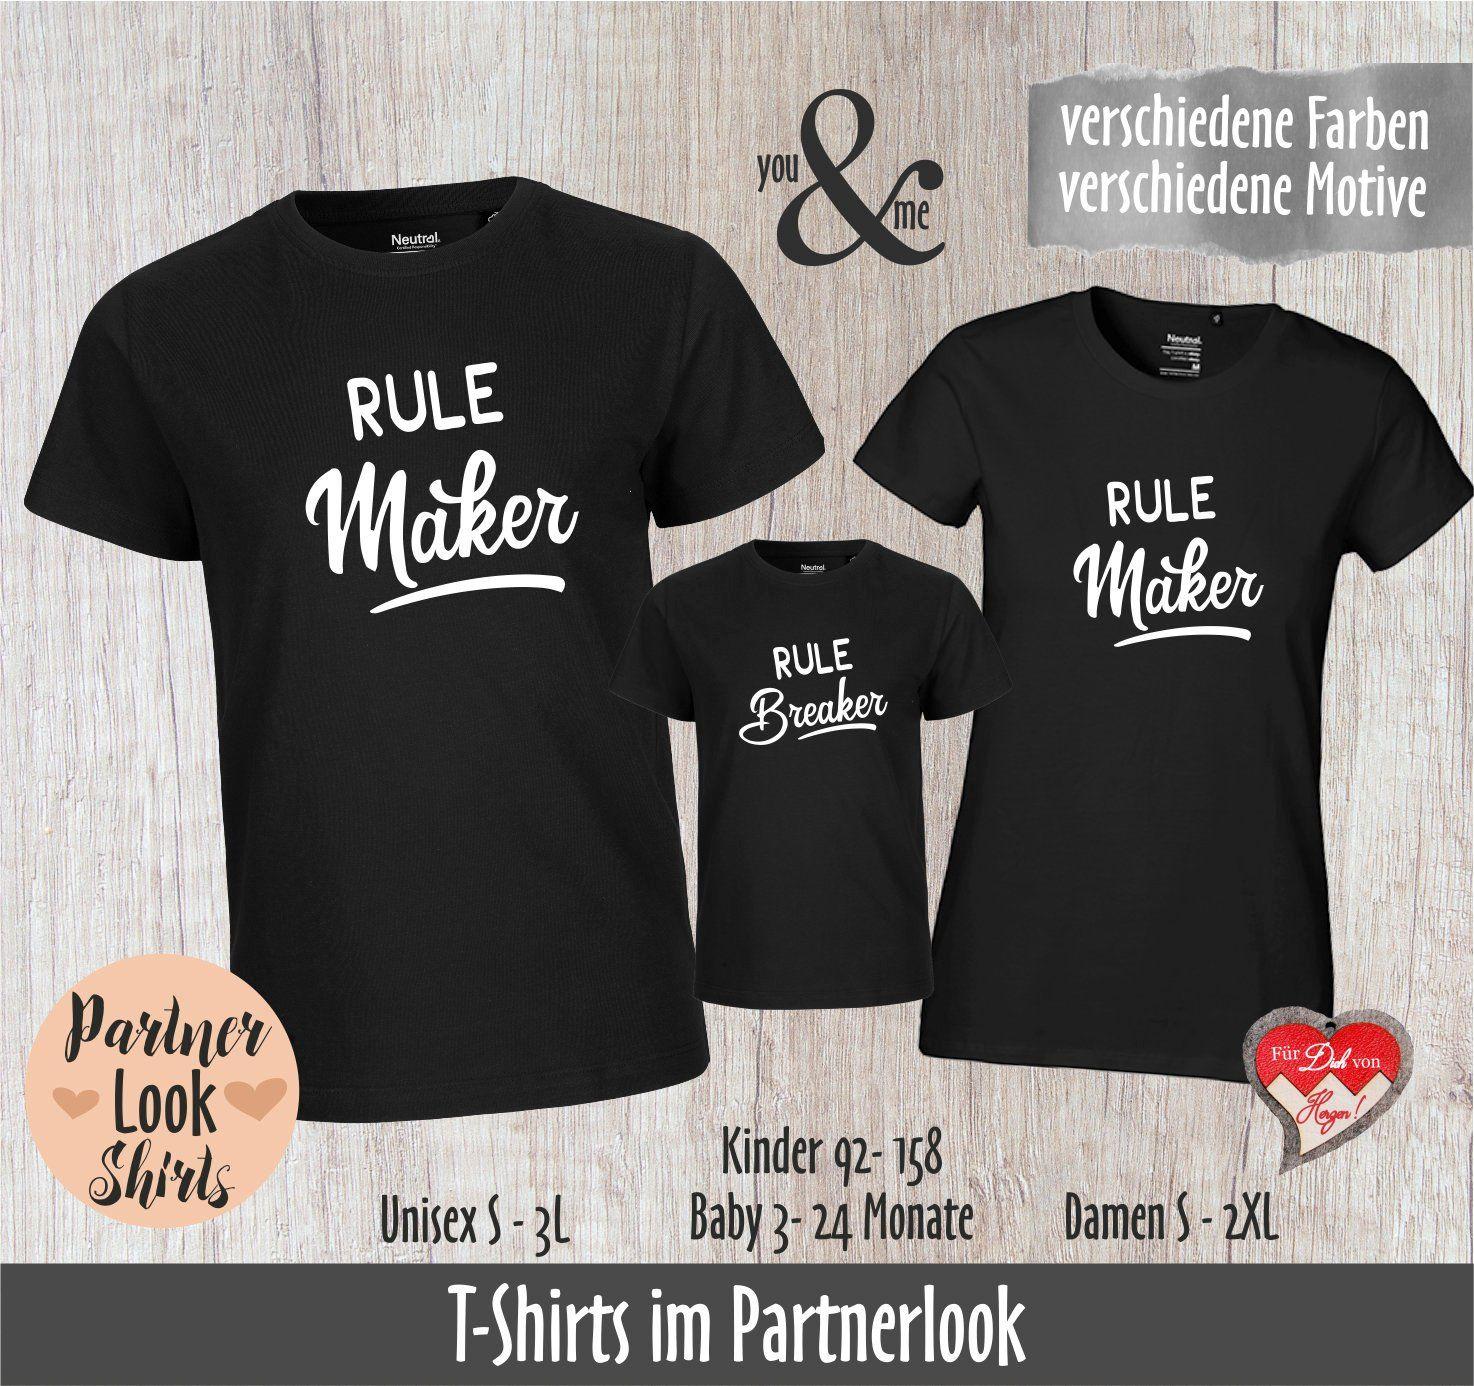 Partnerlook Shirts; Rulemaker, Rulebreaker, Familien T